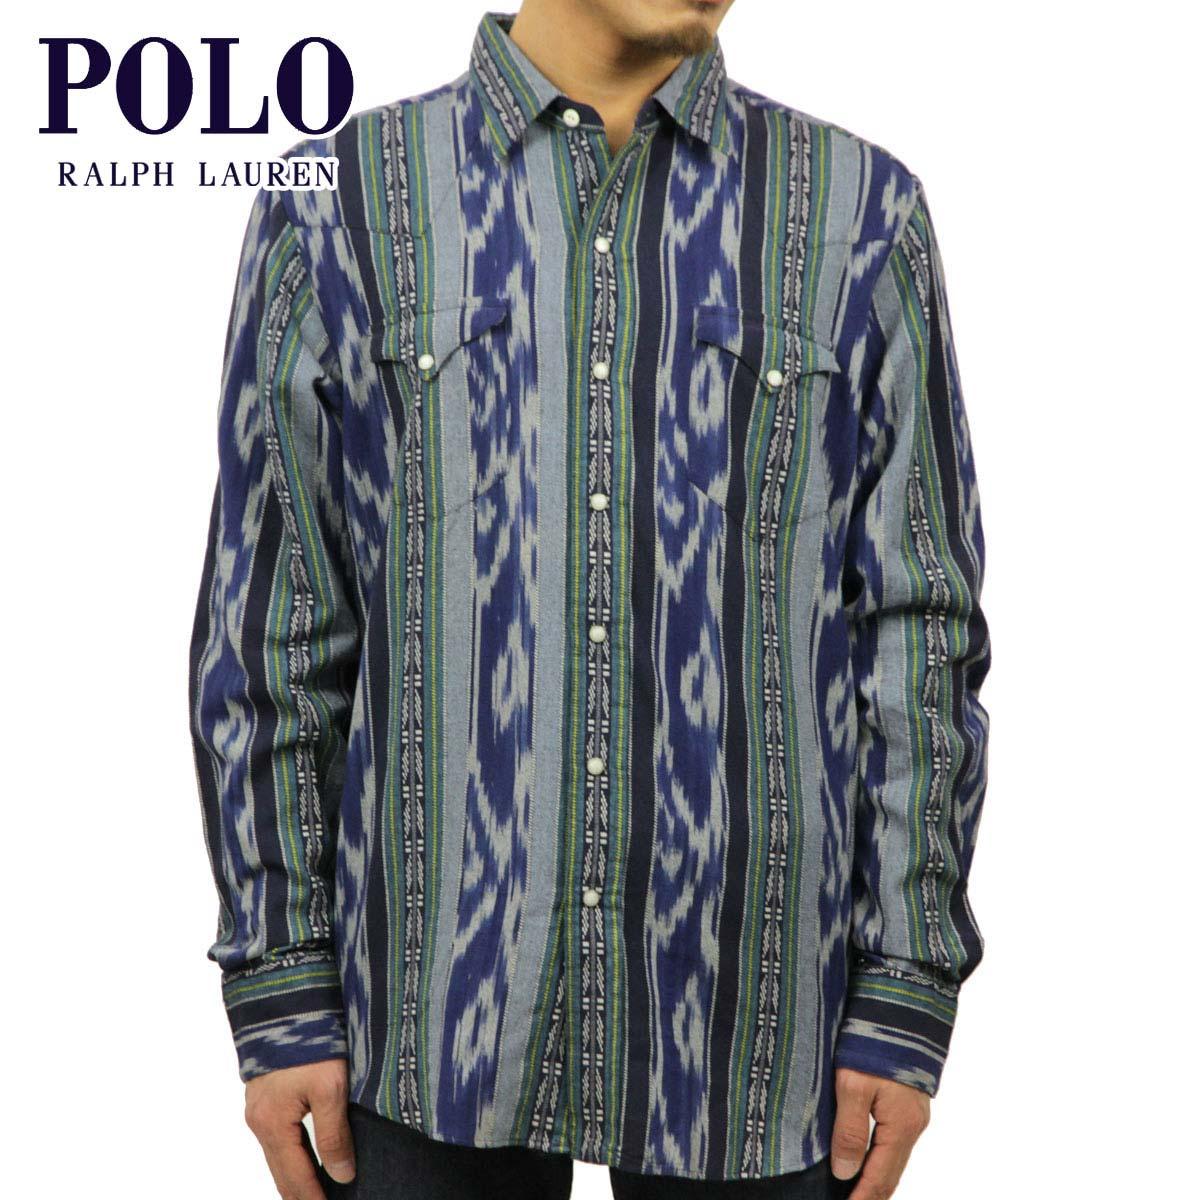 ポロ ラルフローレン POLO RALPH LAUREN 正規品 メンズ 長袖シャツ Custom-Fit Ikat Western Shirt D20S30